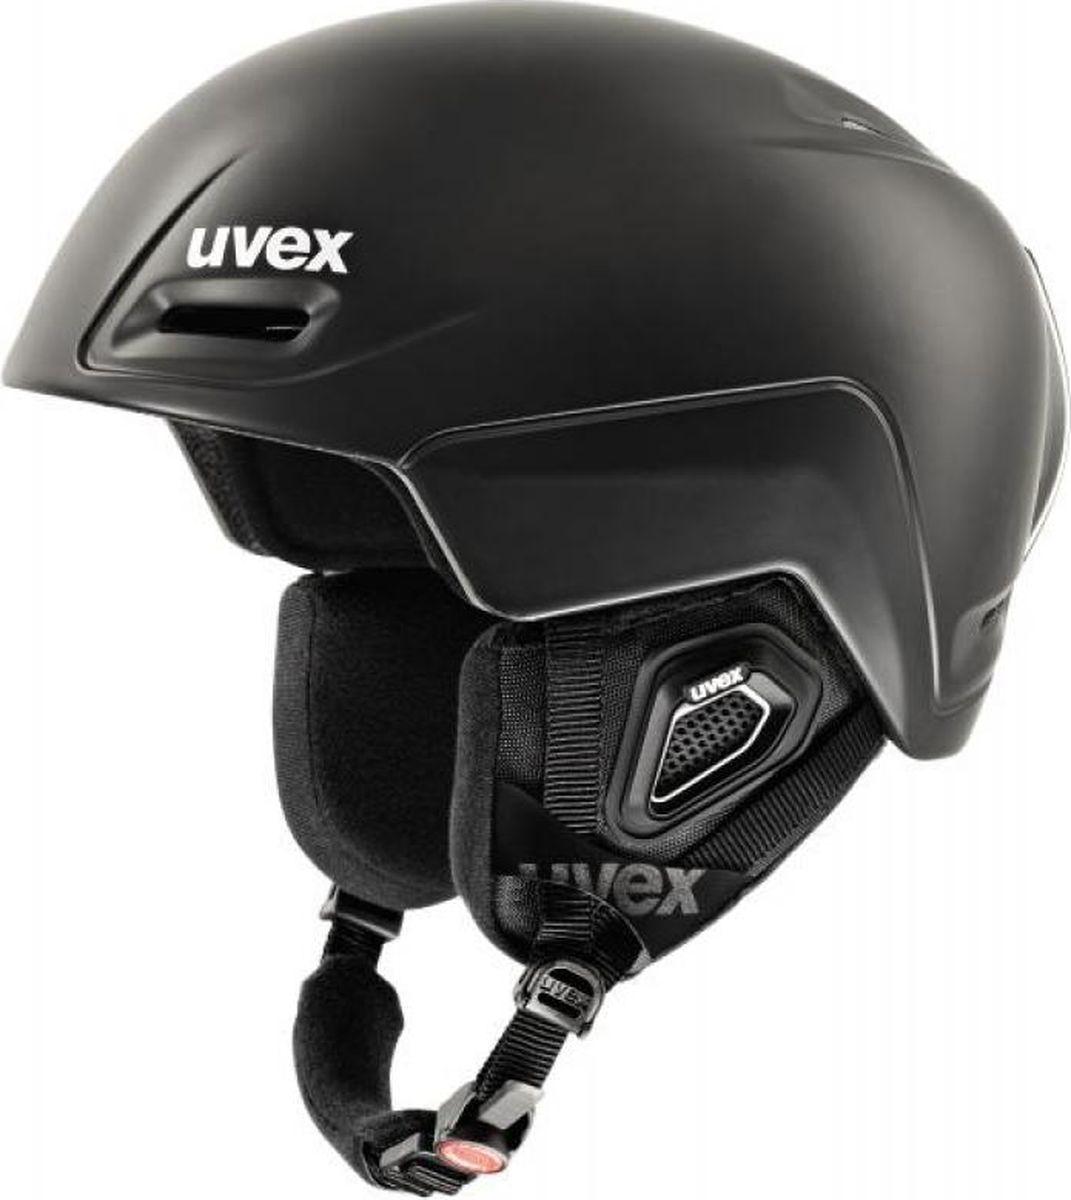 Шлем горнолыжный Uvex Jimm Helmet, цвет: черный матовый. Размер S6206Удобный шлем от Uvex обеспечит безопасность на склоне. В модели предусмотрена съемная защита ушей.Гипоаллергенная подкладка и регулируемая вентиляция гарантируют комфорт во время катания. Фиксатор стрэпа маски и застежка monomatiс, которую легко отрегулировать одной рукой, служат для удобства использования. Сделано в Германии.